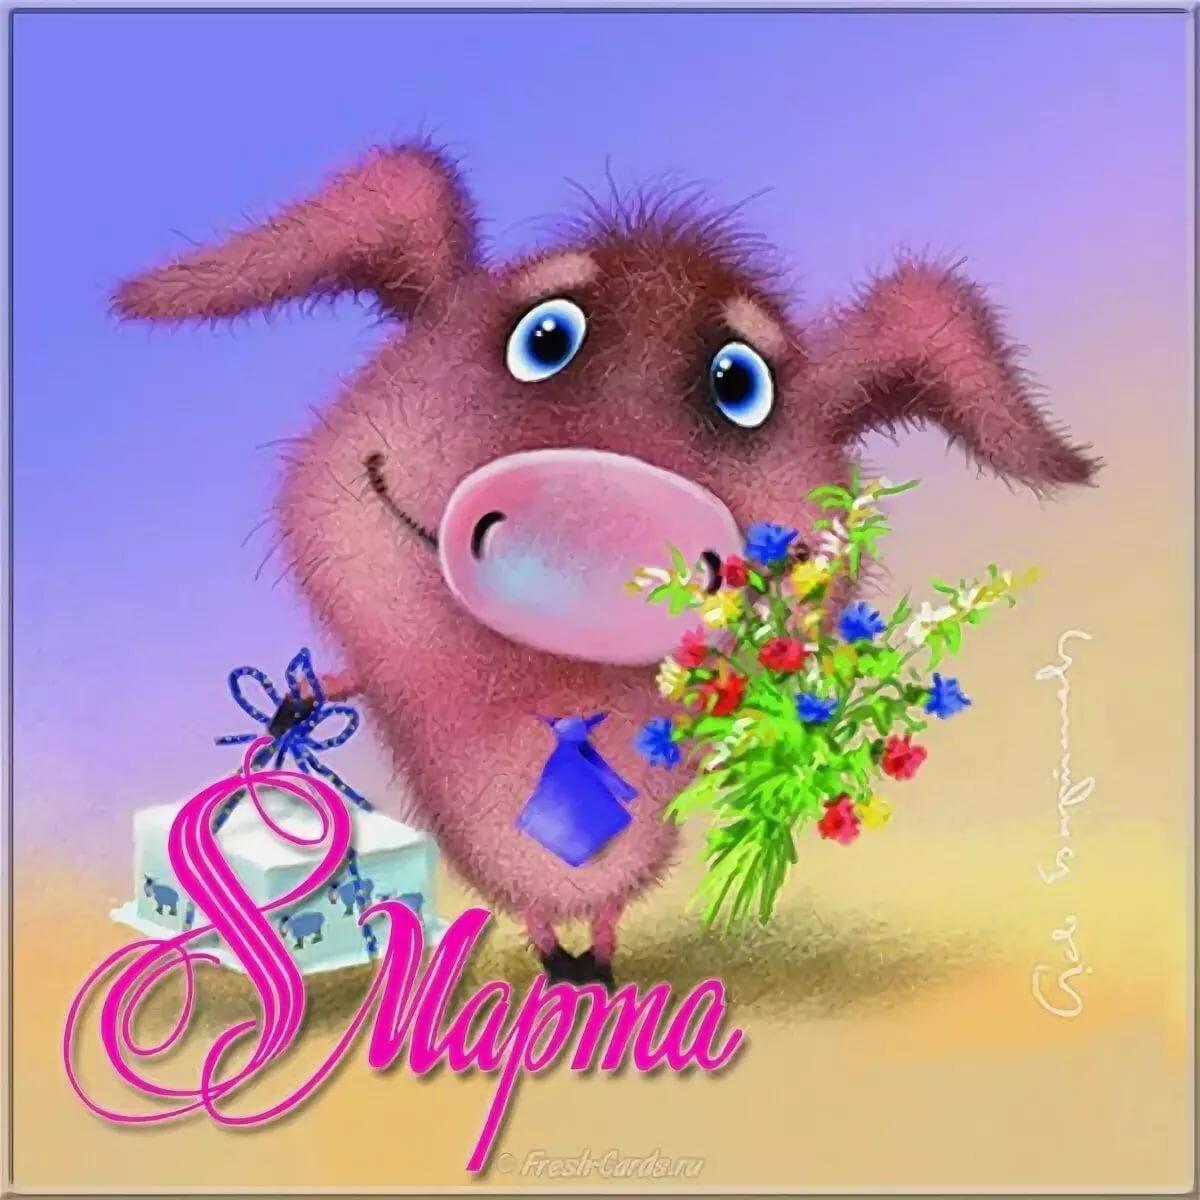 Желаю счастья, прикольные с картинки восьмым мартом